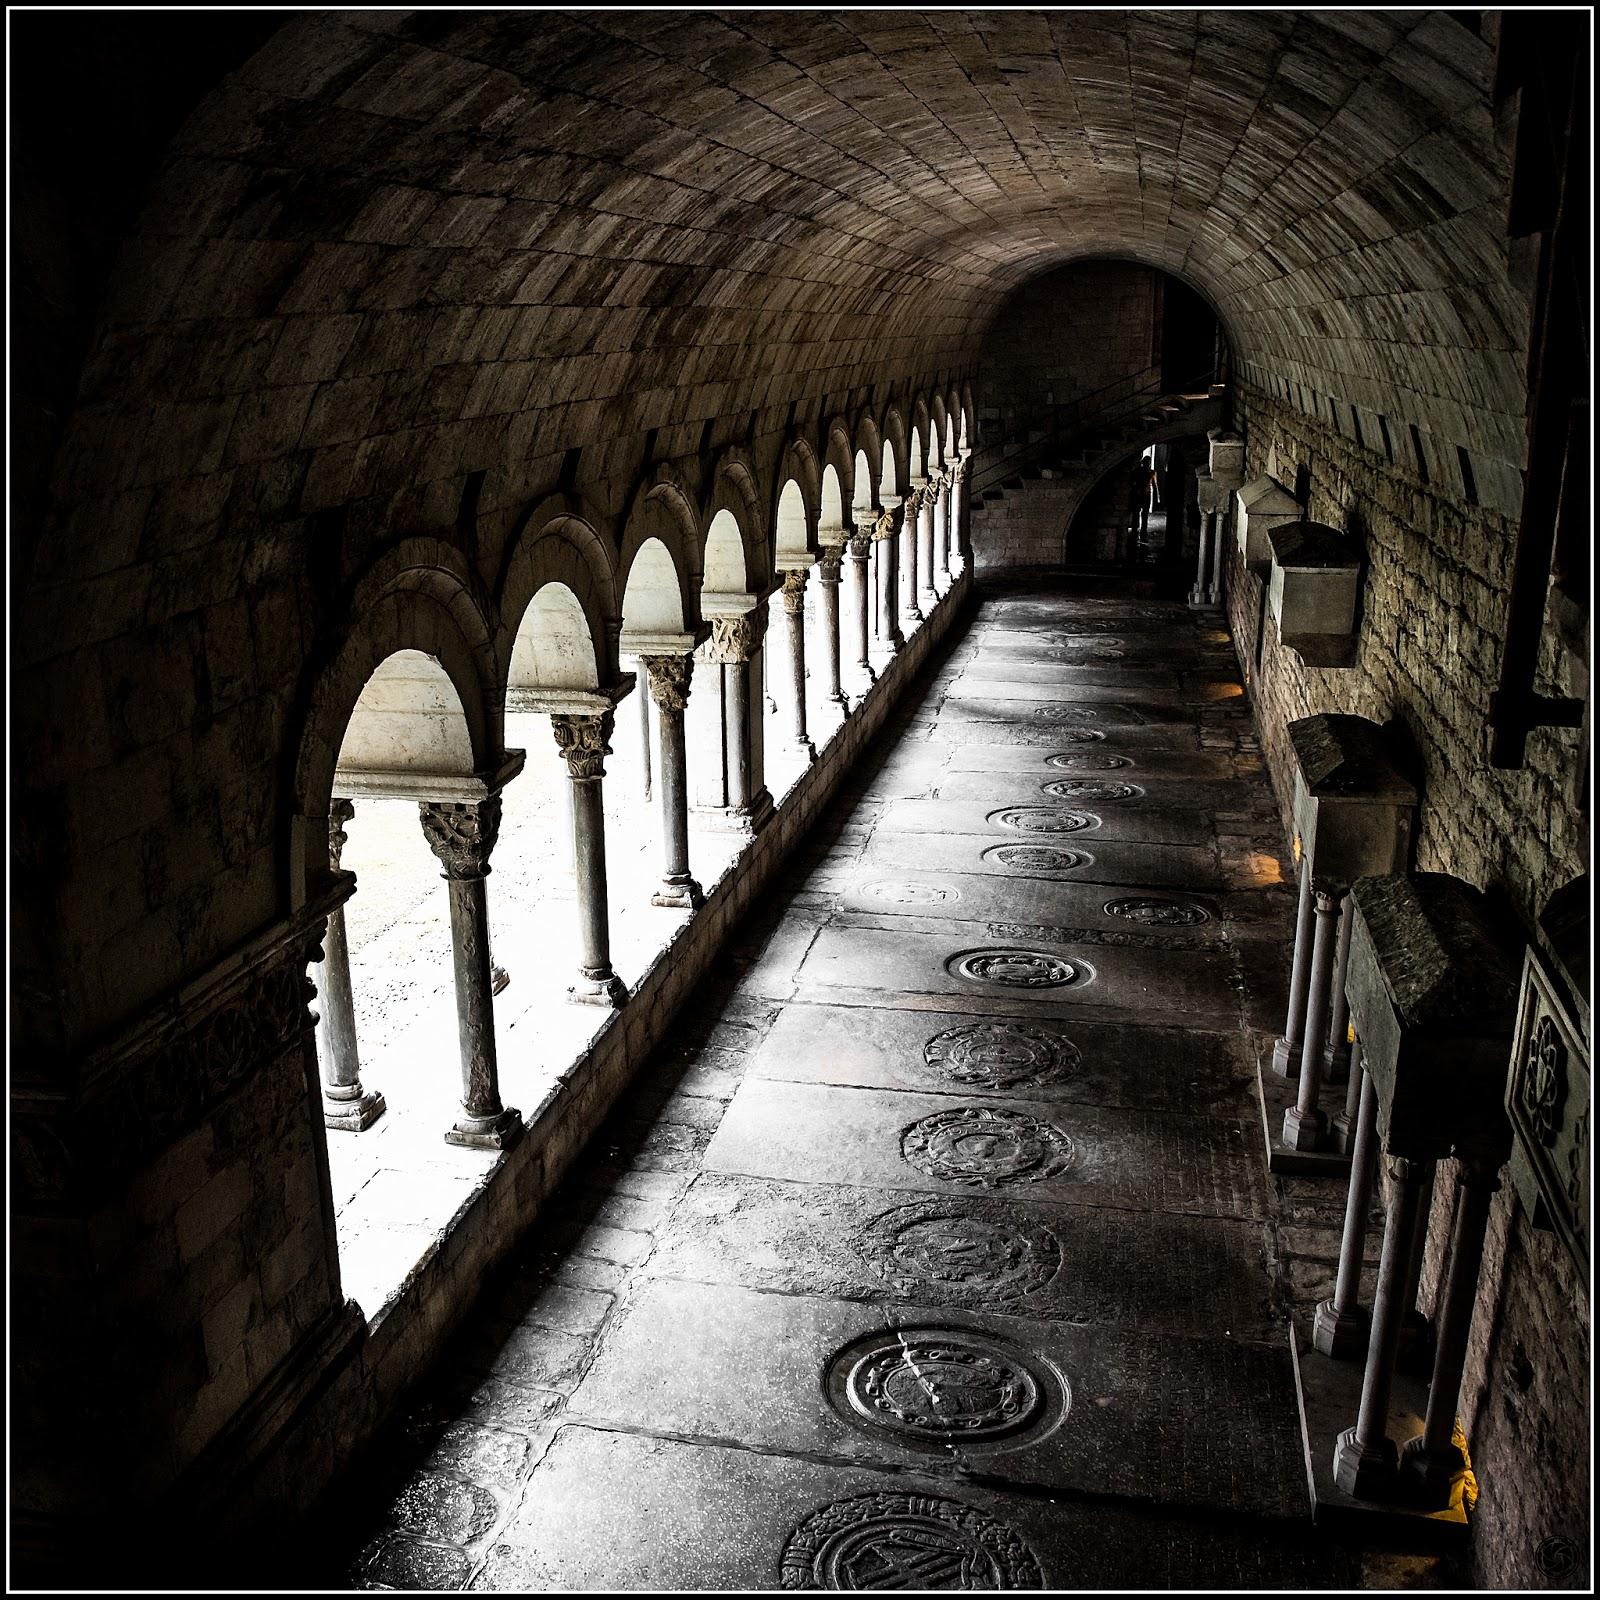 Sobre el Claustro de Sta. Maria de Girona :: Canon  EOS 5D MkIII | ISO 3200 | Canon 24-105@24mm | f/5.6 | 1/50s